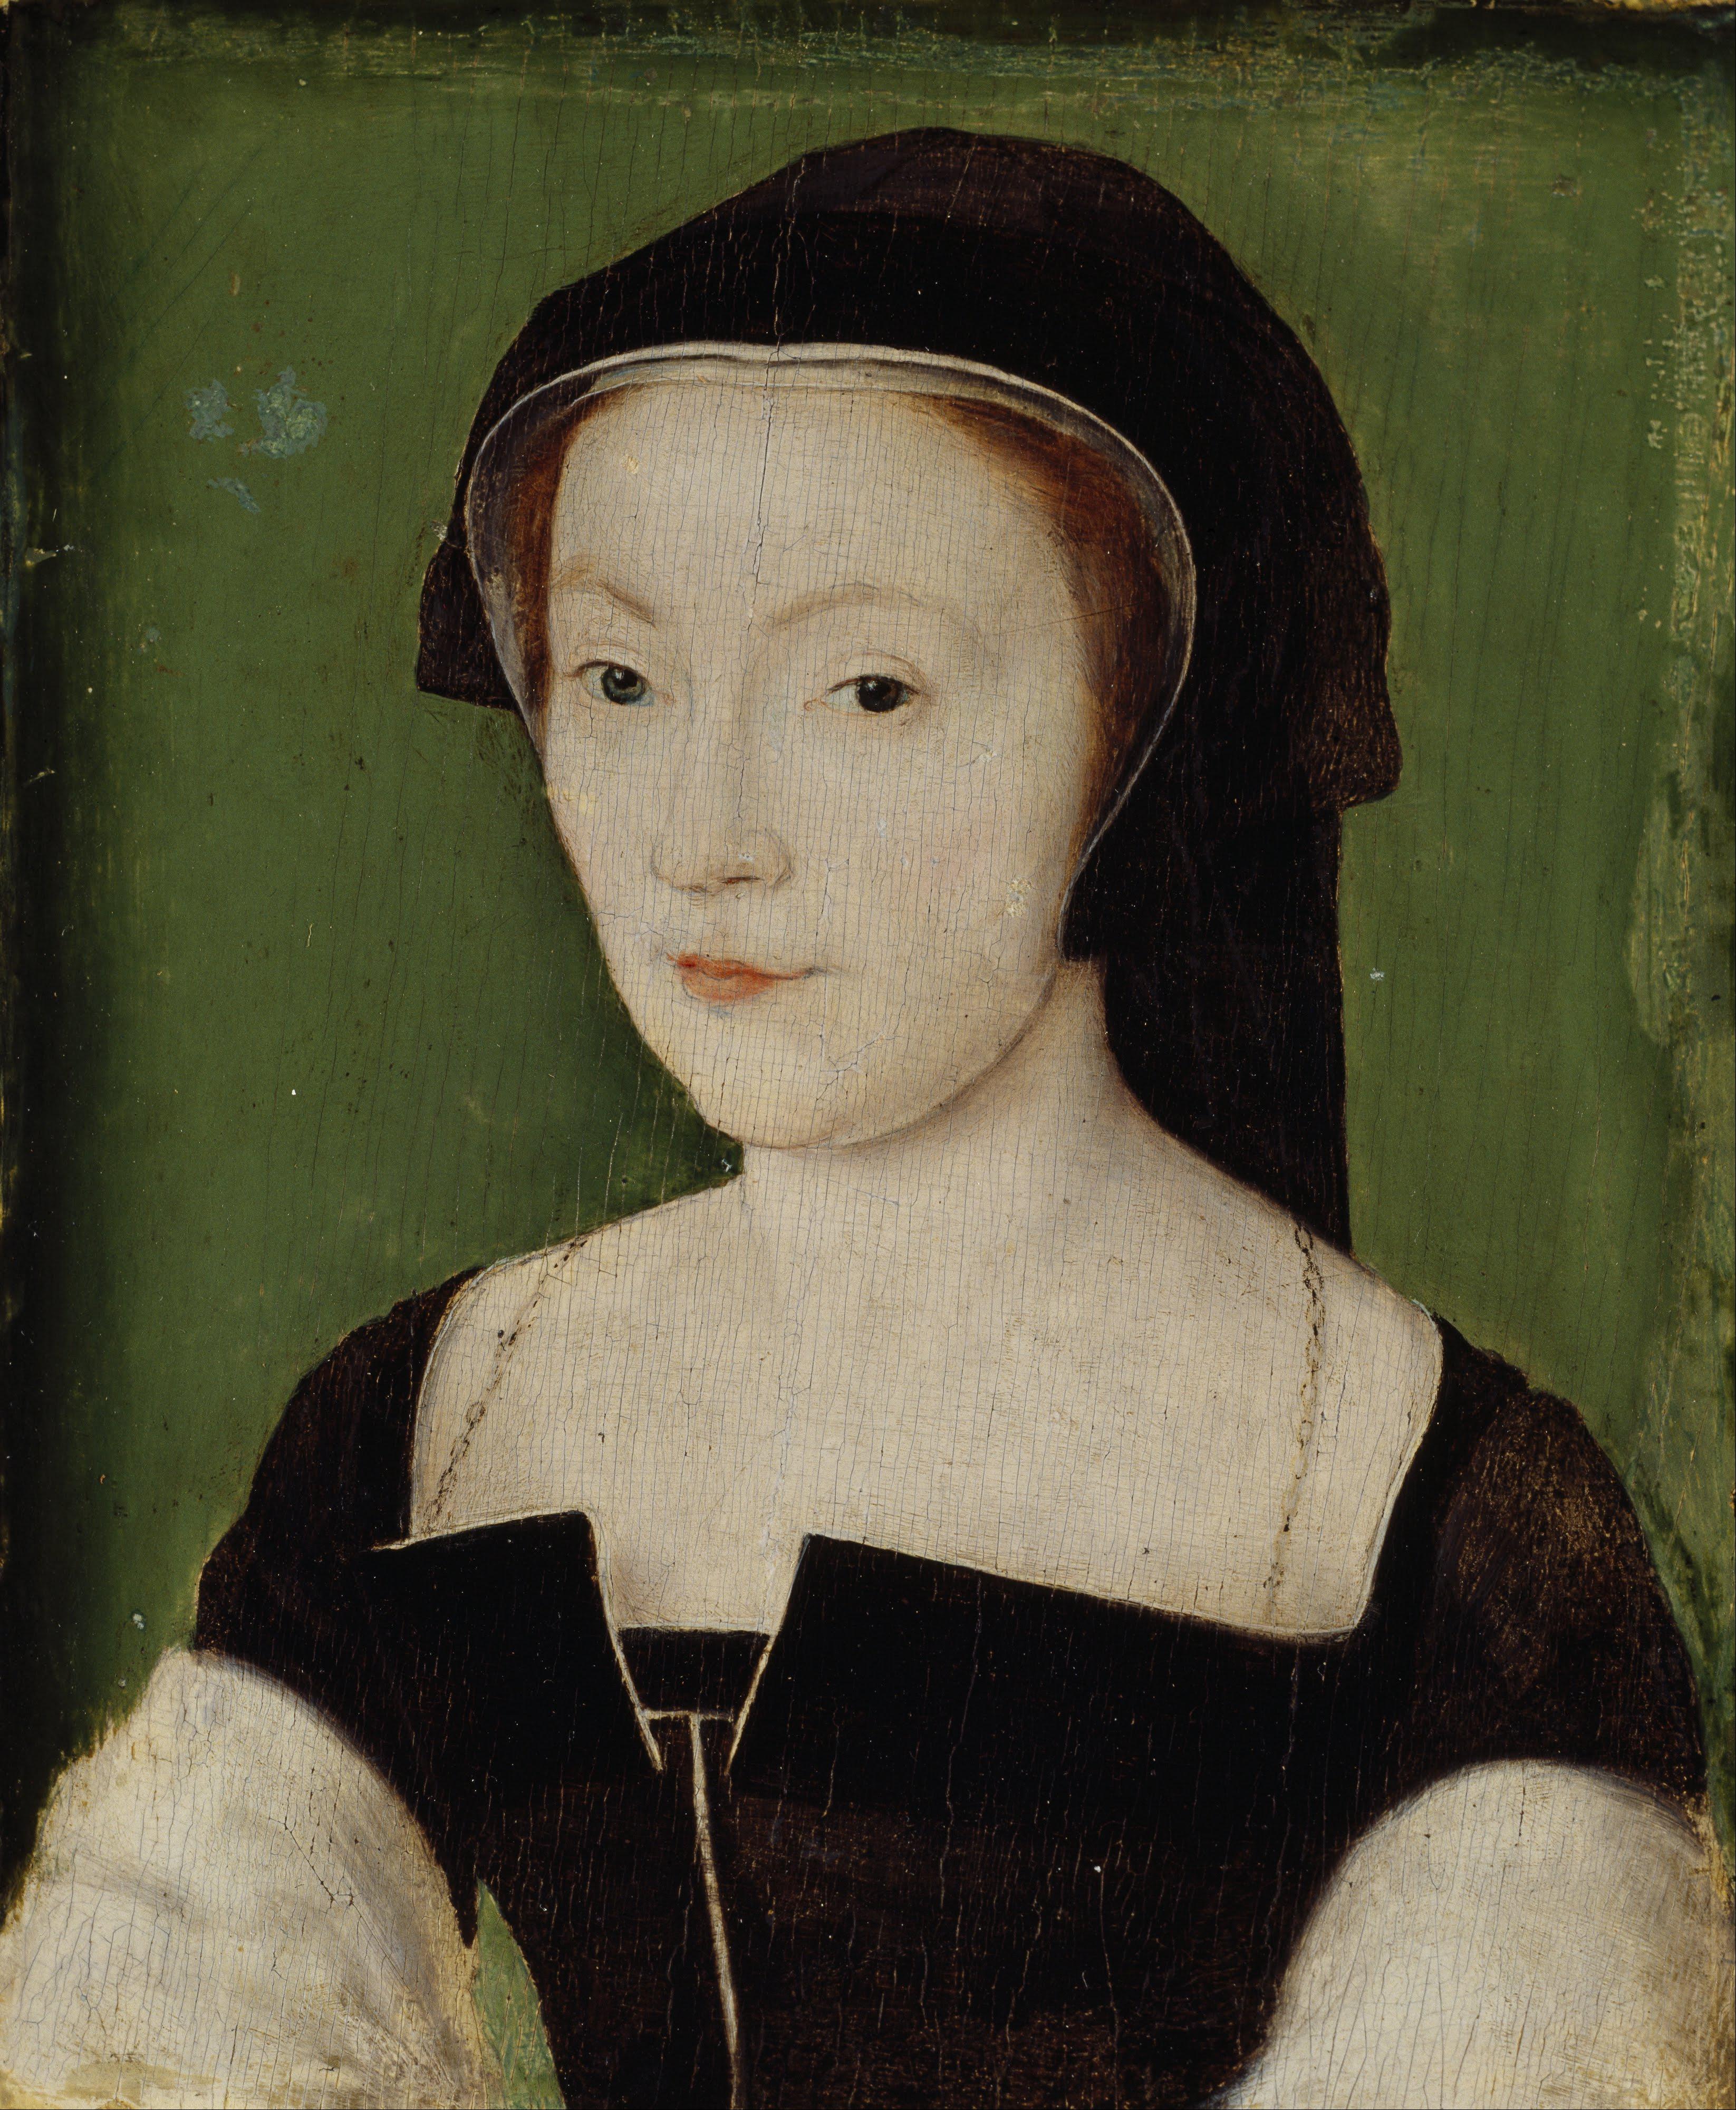 Мария де Гиз. Изображение из Википедии